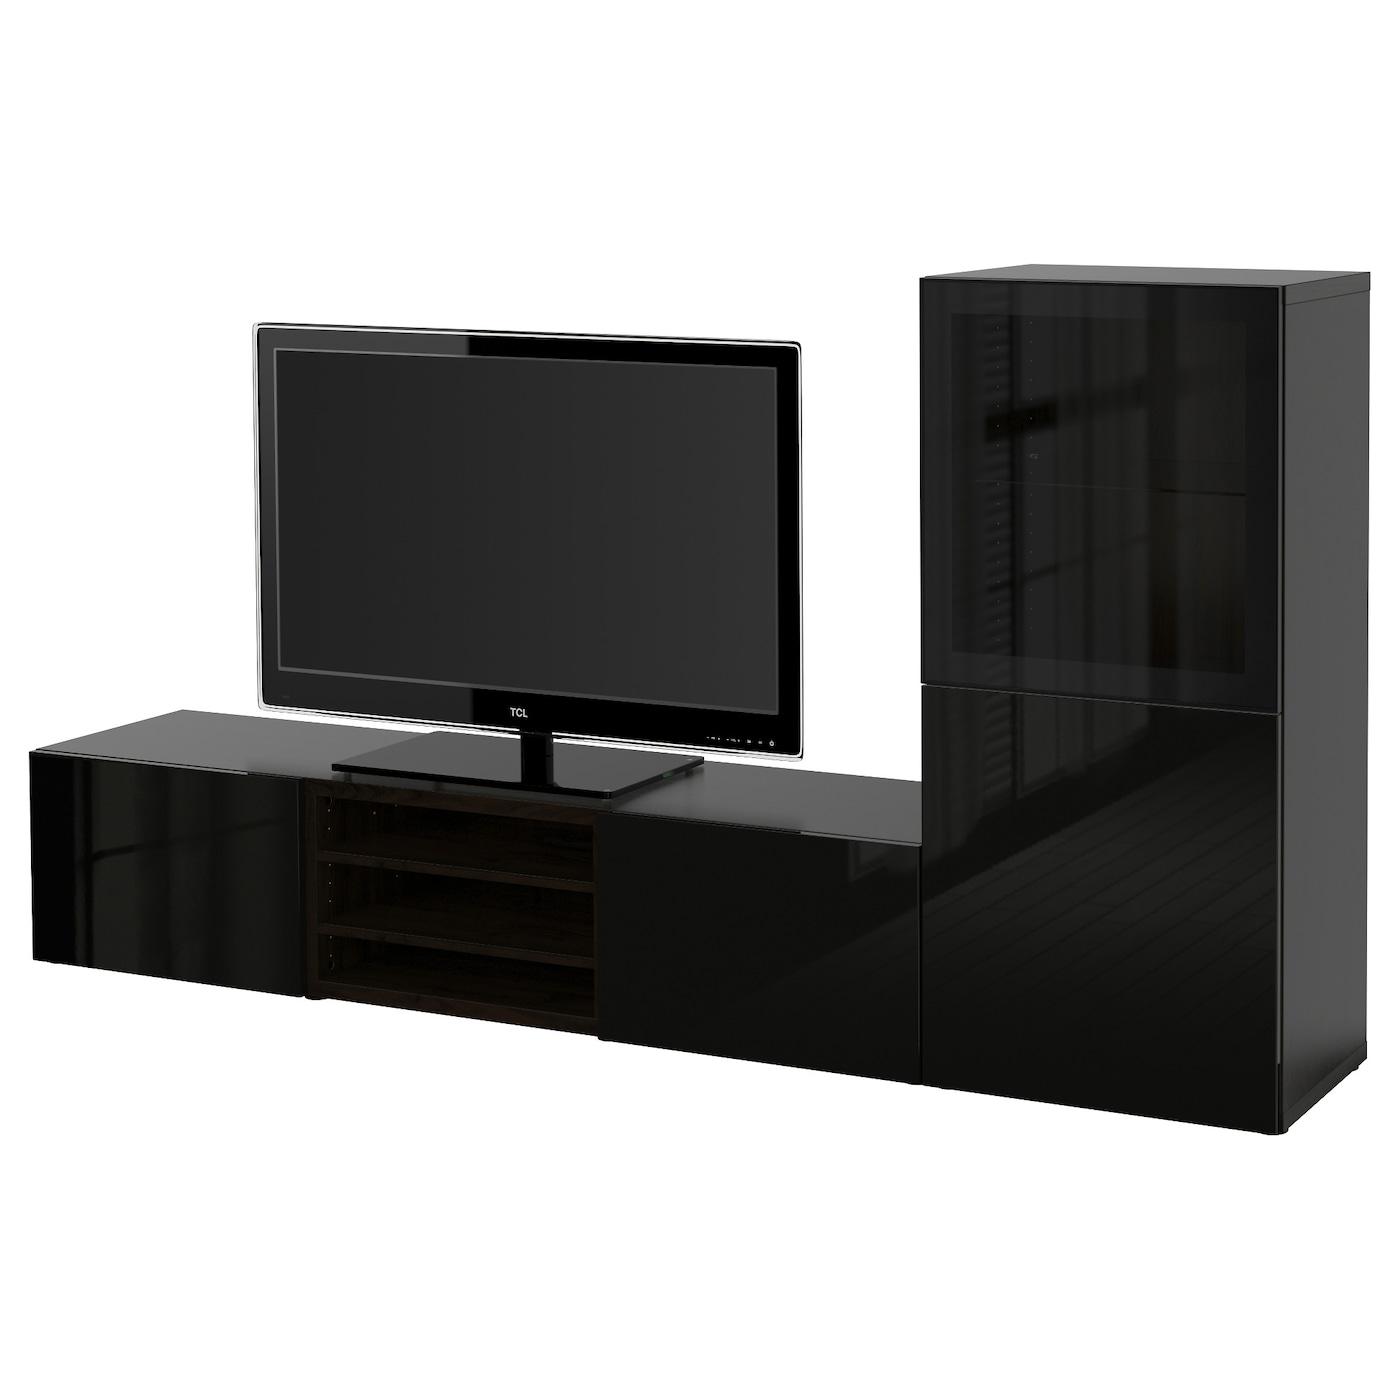 Best Combinaison Rangt Tv Vitrines Brun Noir Selsviken Brillant  # Panneau Mural Tv Ikea